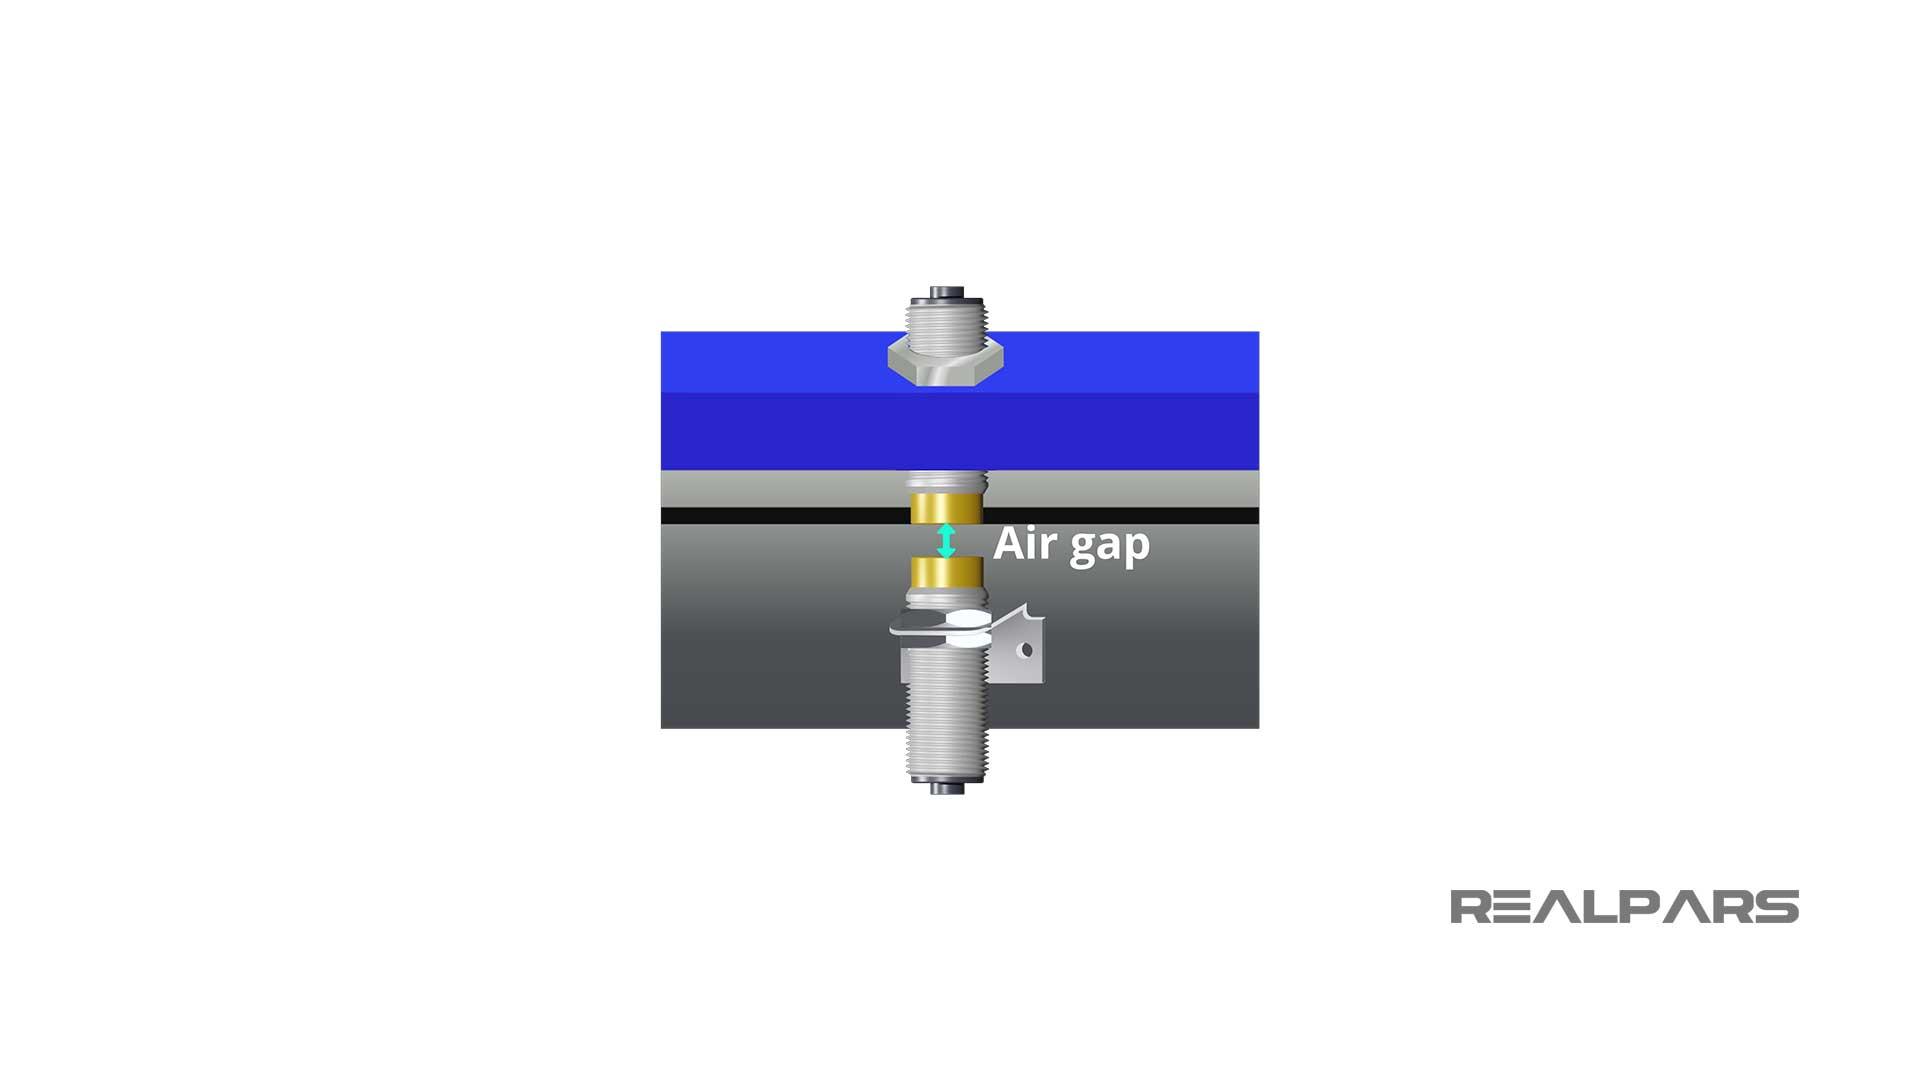 Inductive-coupler-air-gap